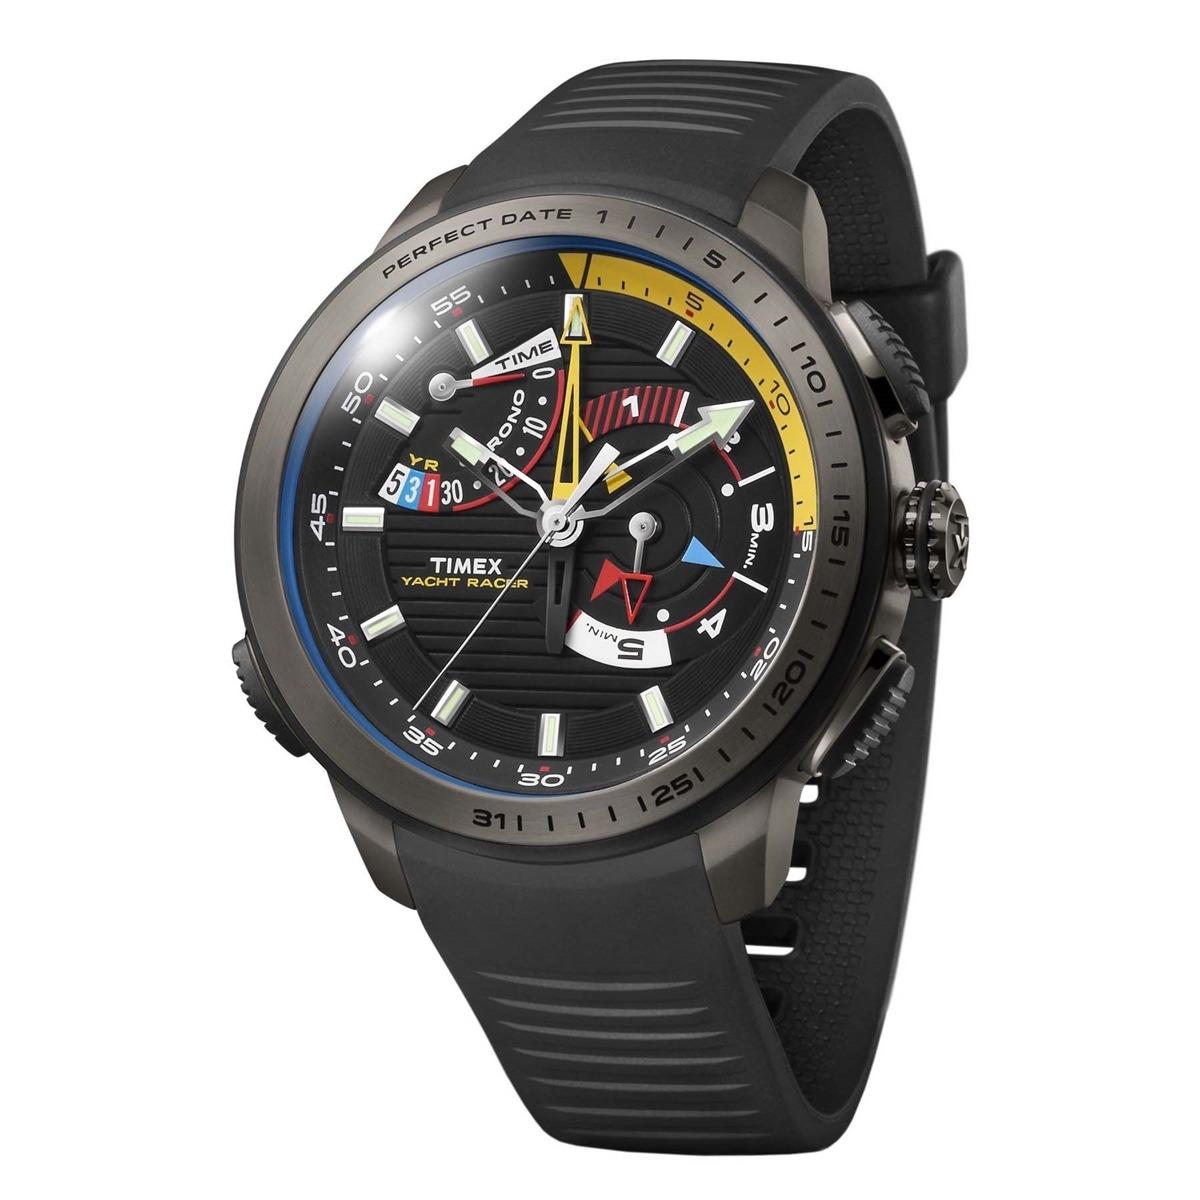 c4068607afa relógio timex intelligent quartz tw2p44300w tn yacht racer. Carregando zoom.